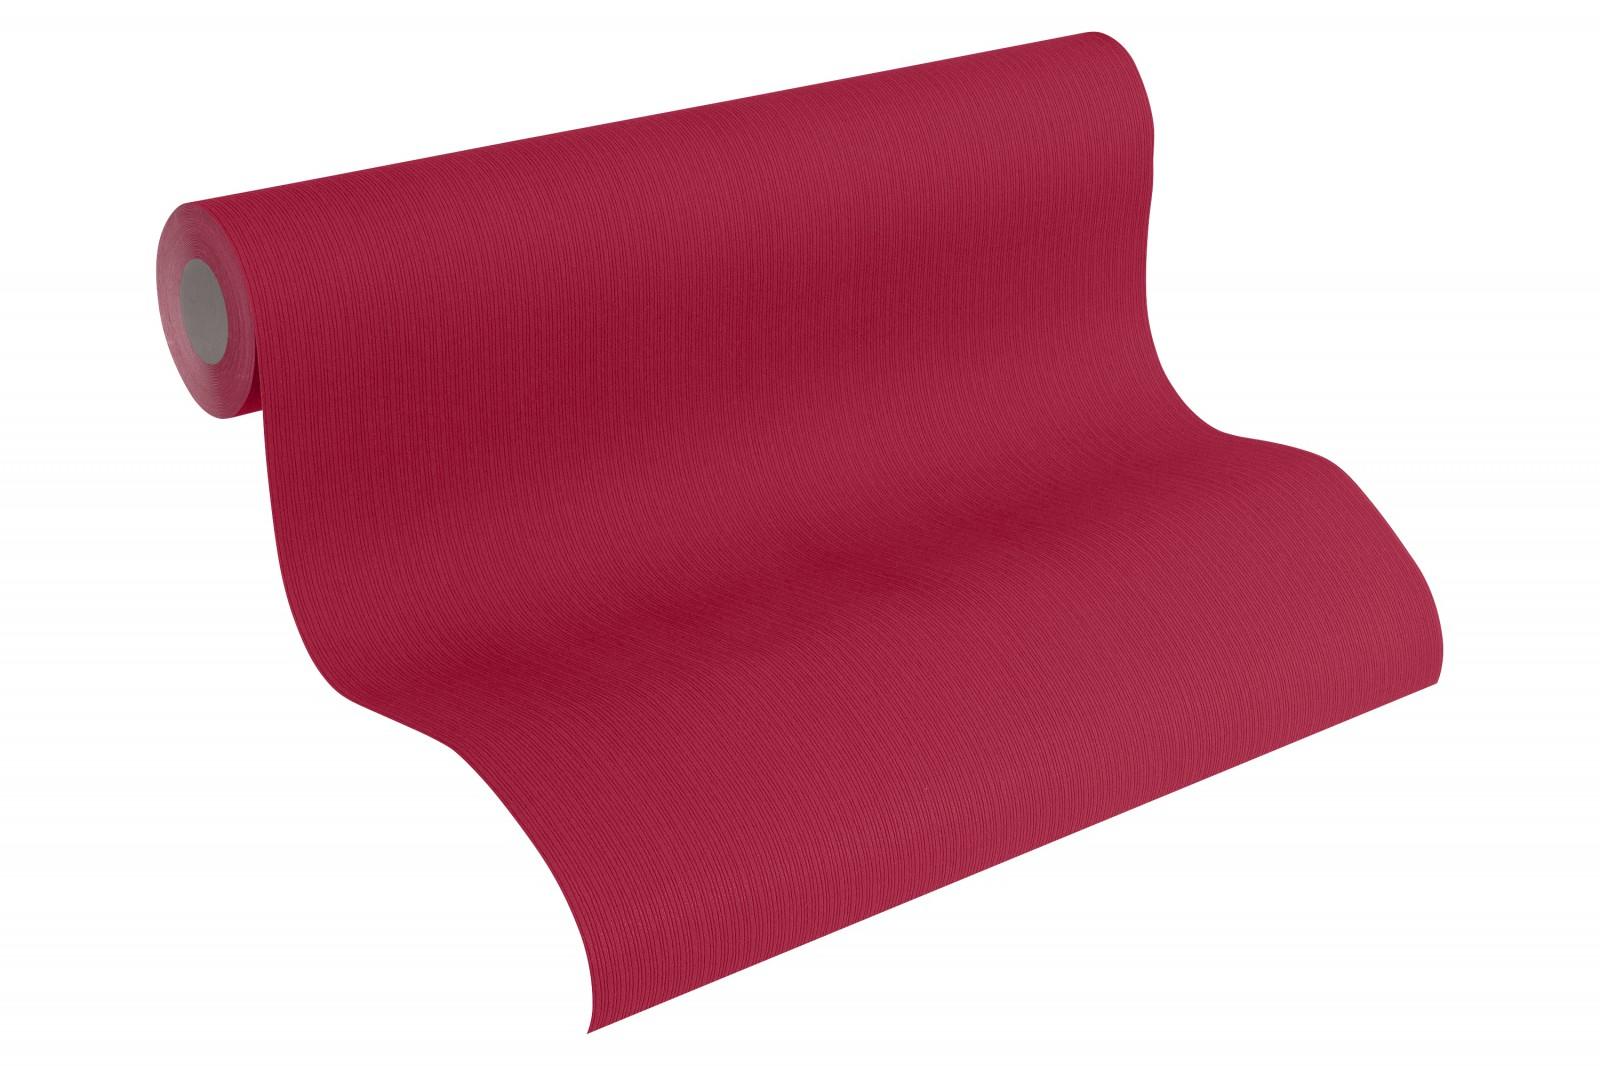 wallpaper esprit home stripes red 30277 3. Black Bedroom Furniture Sets. Home Design Ideas